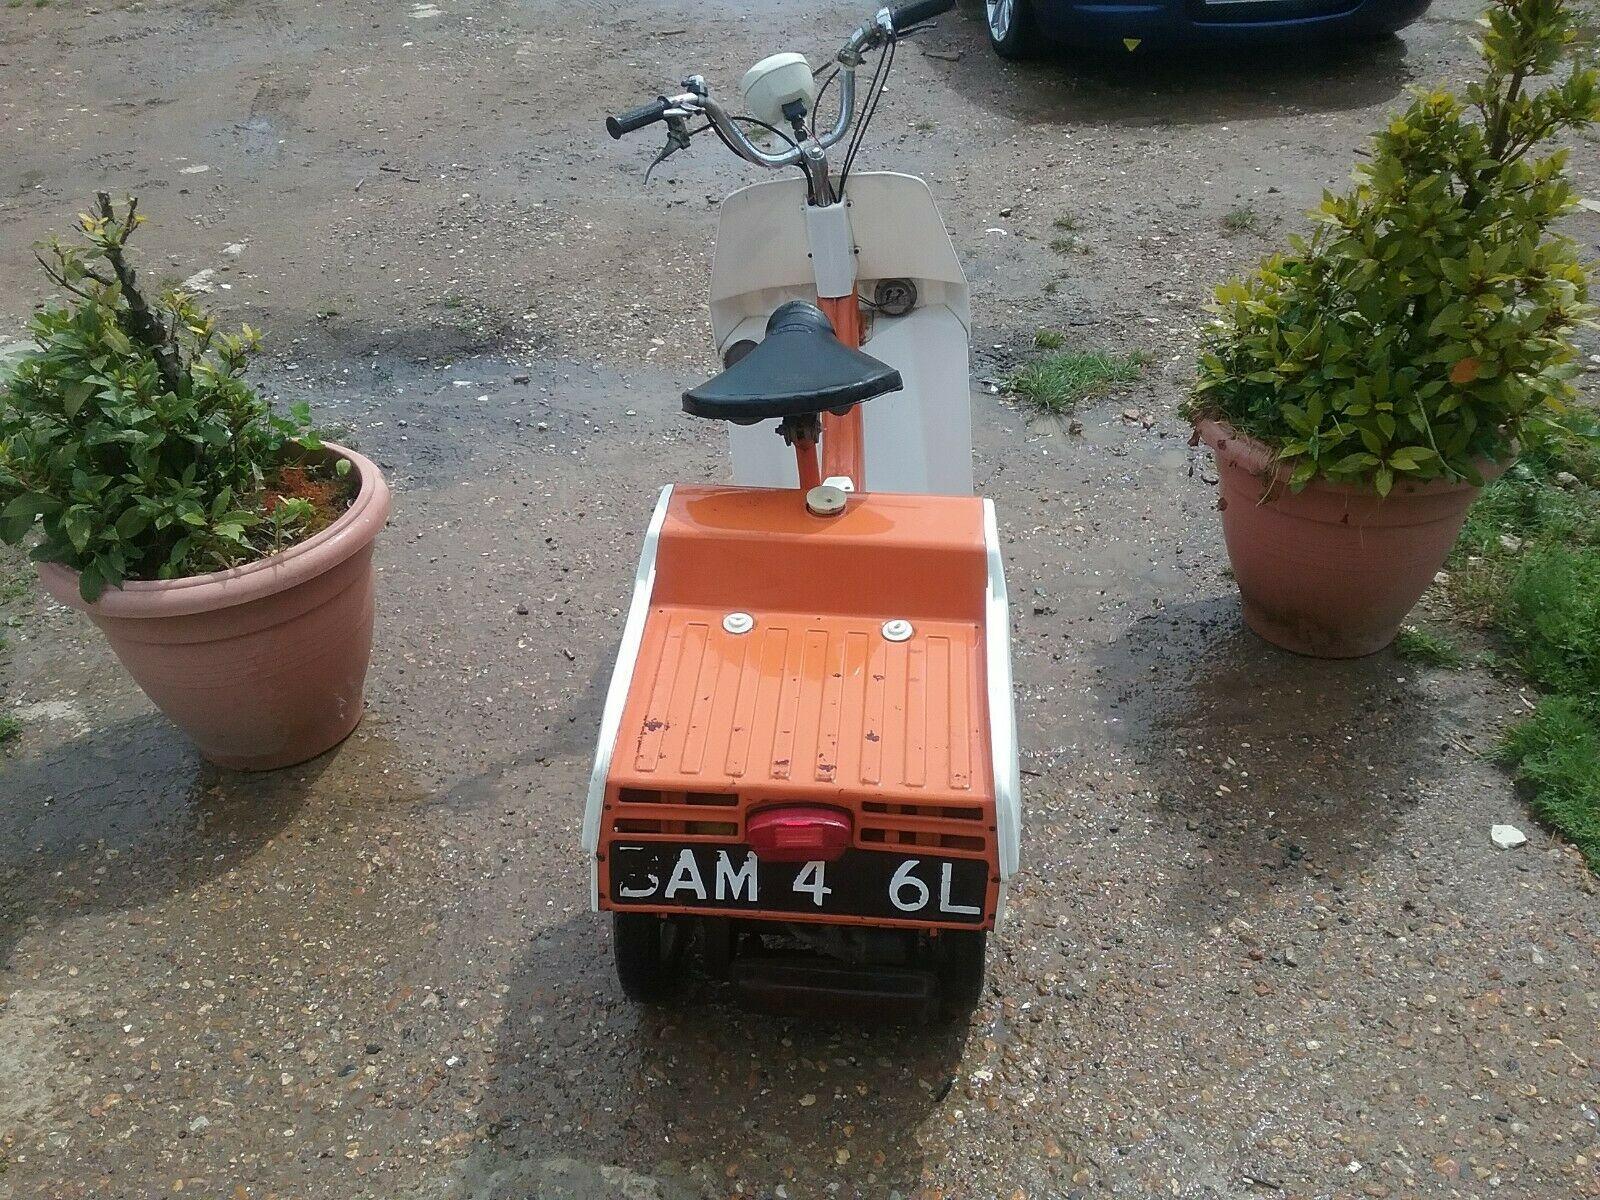 BAM 486 L